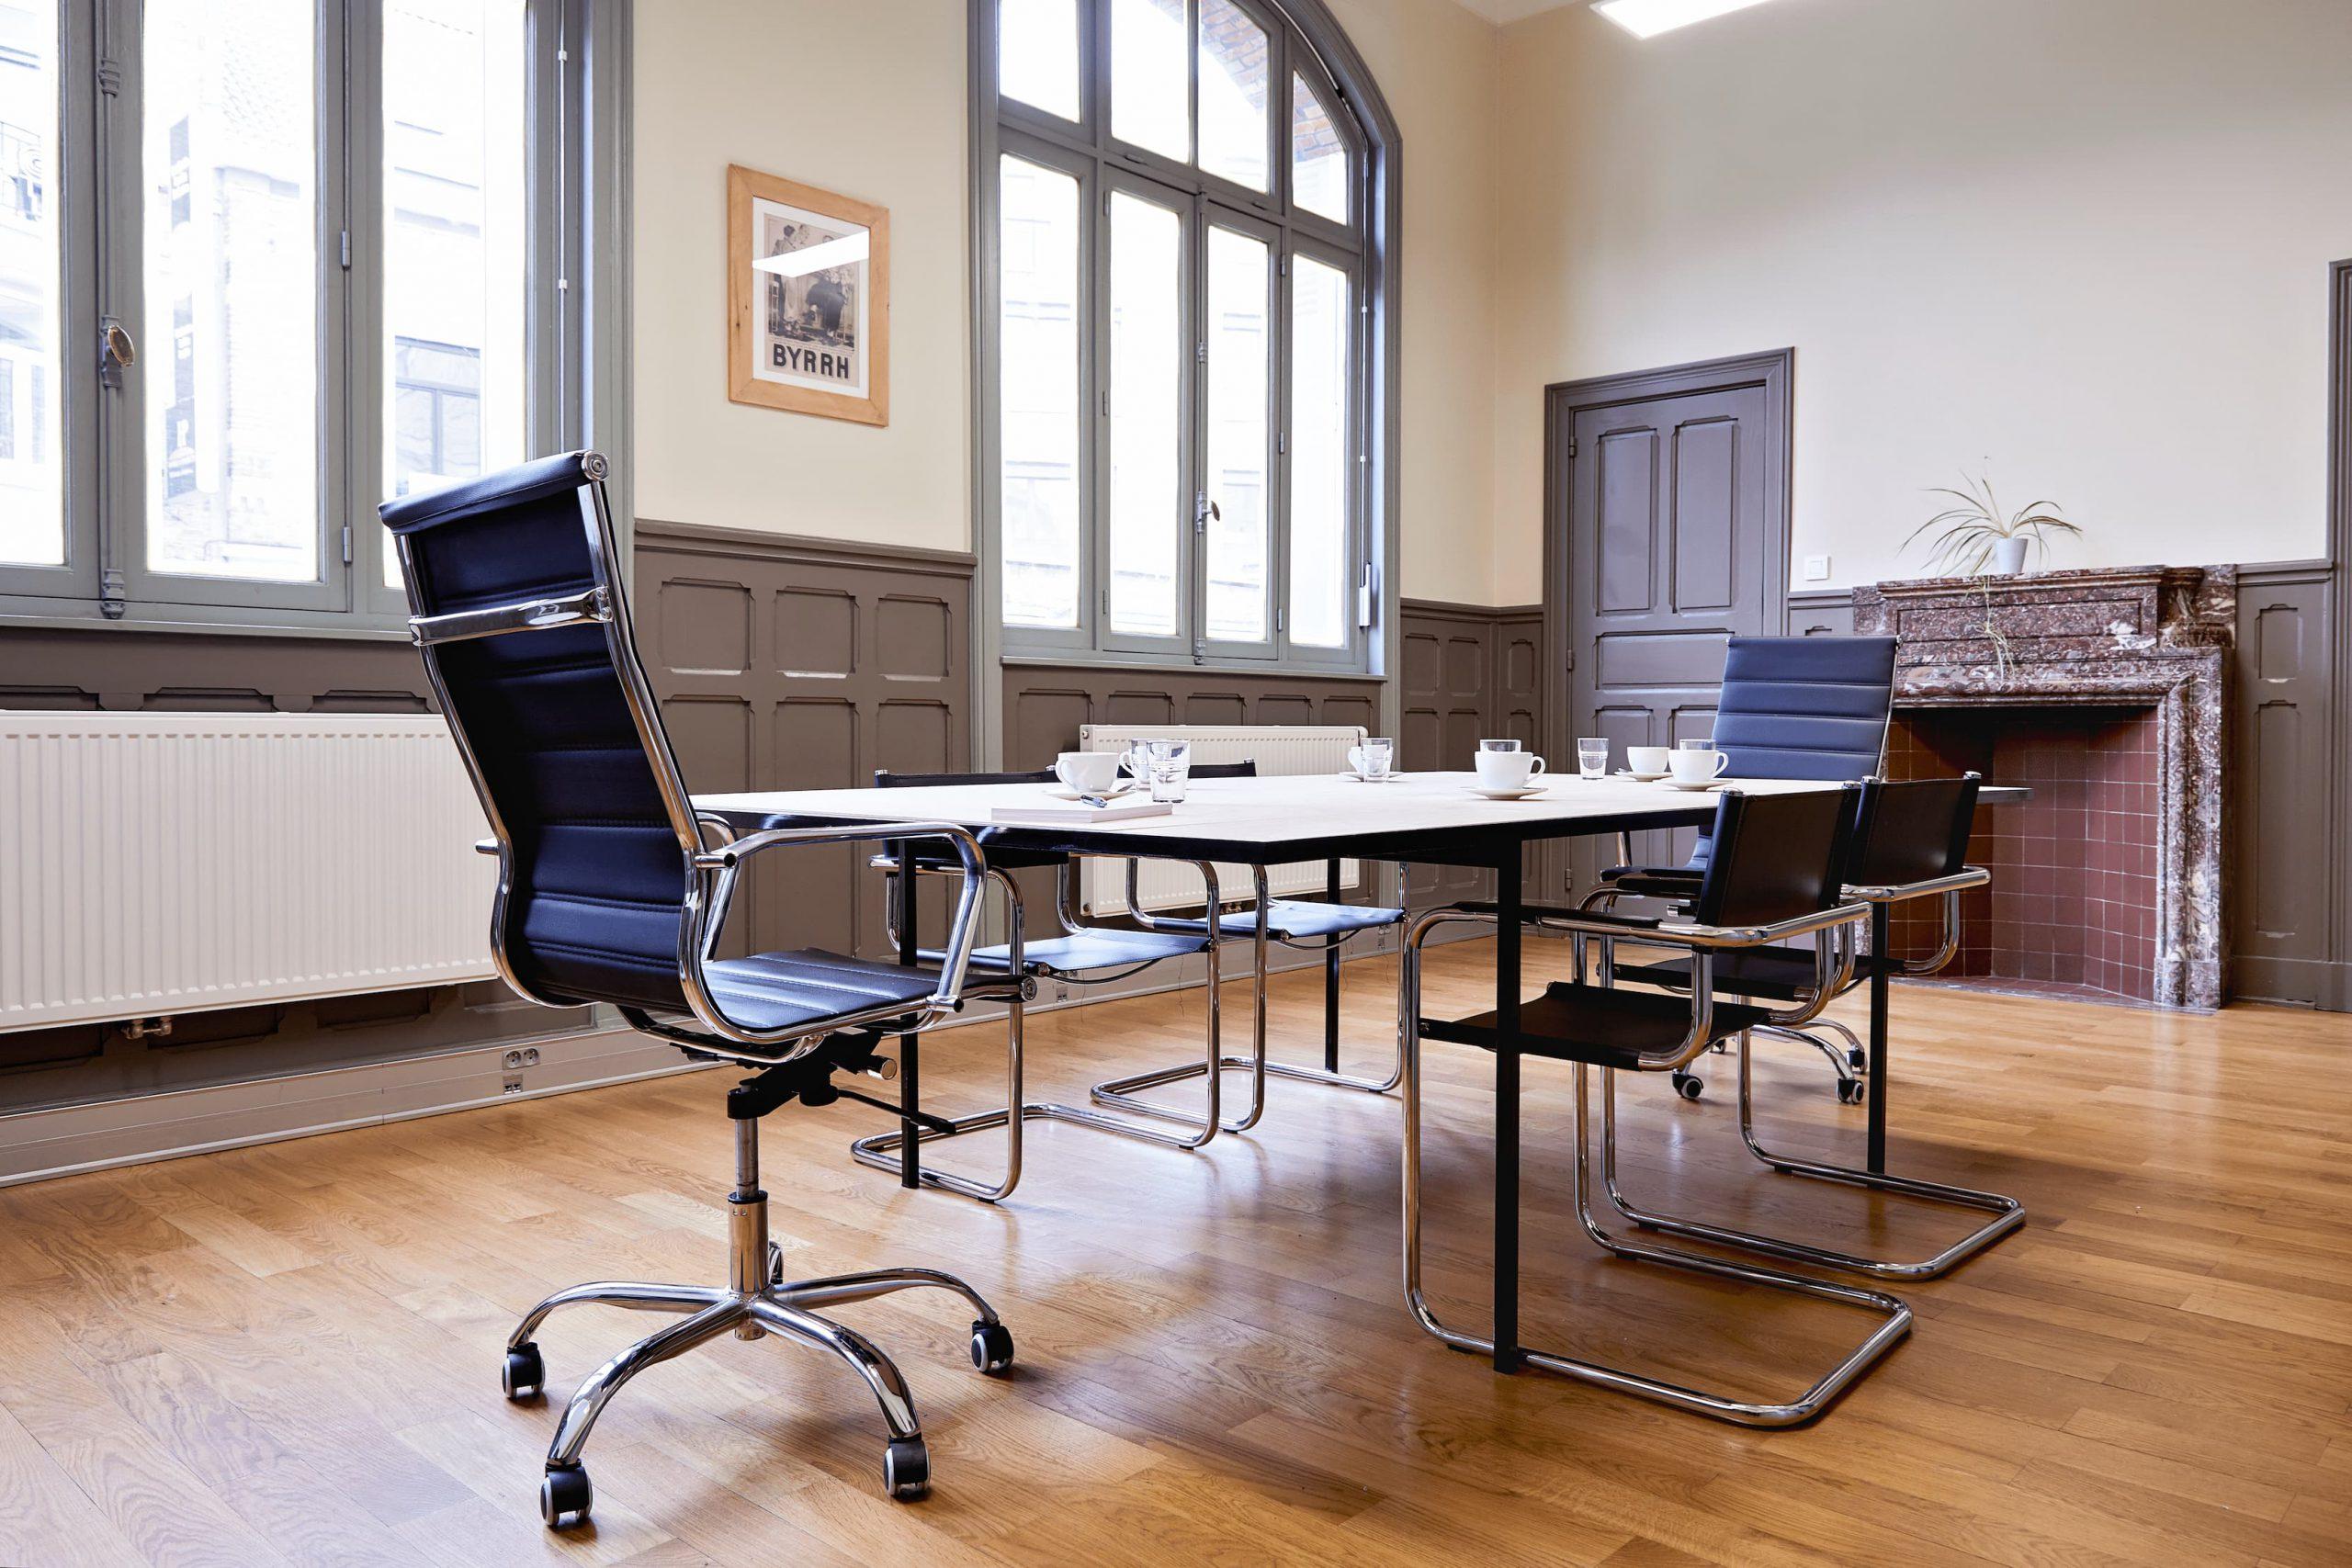 BE-HERE Location de salle de réunion à Bruxelles